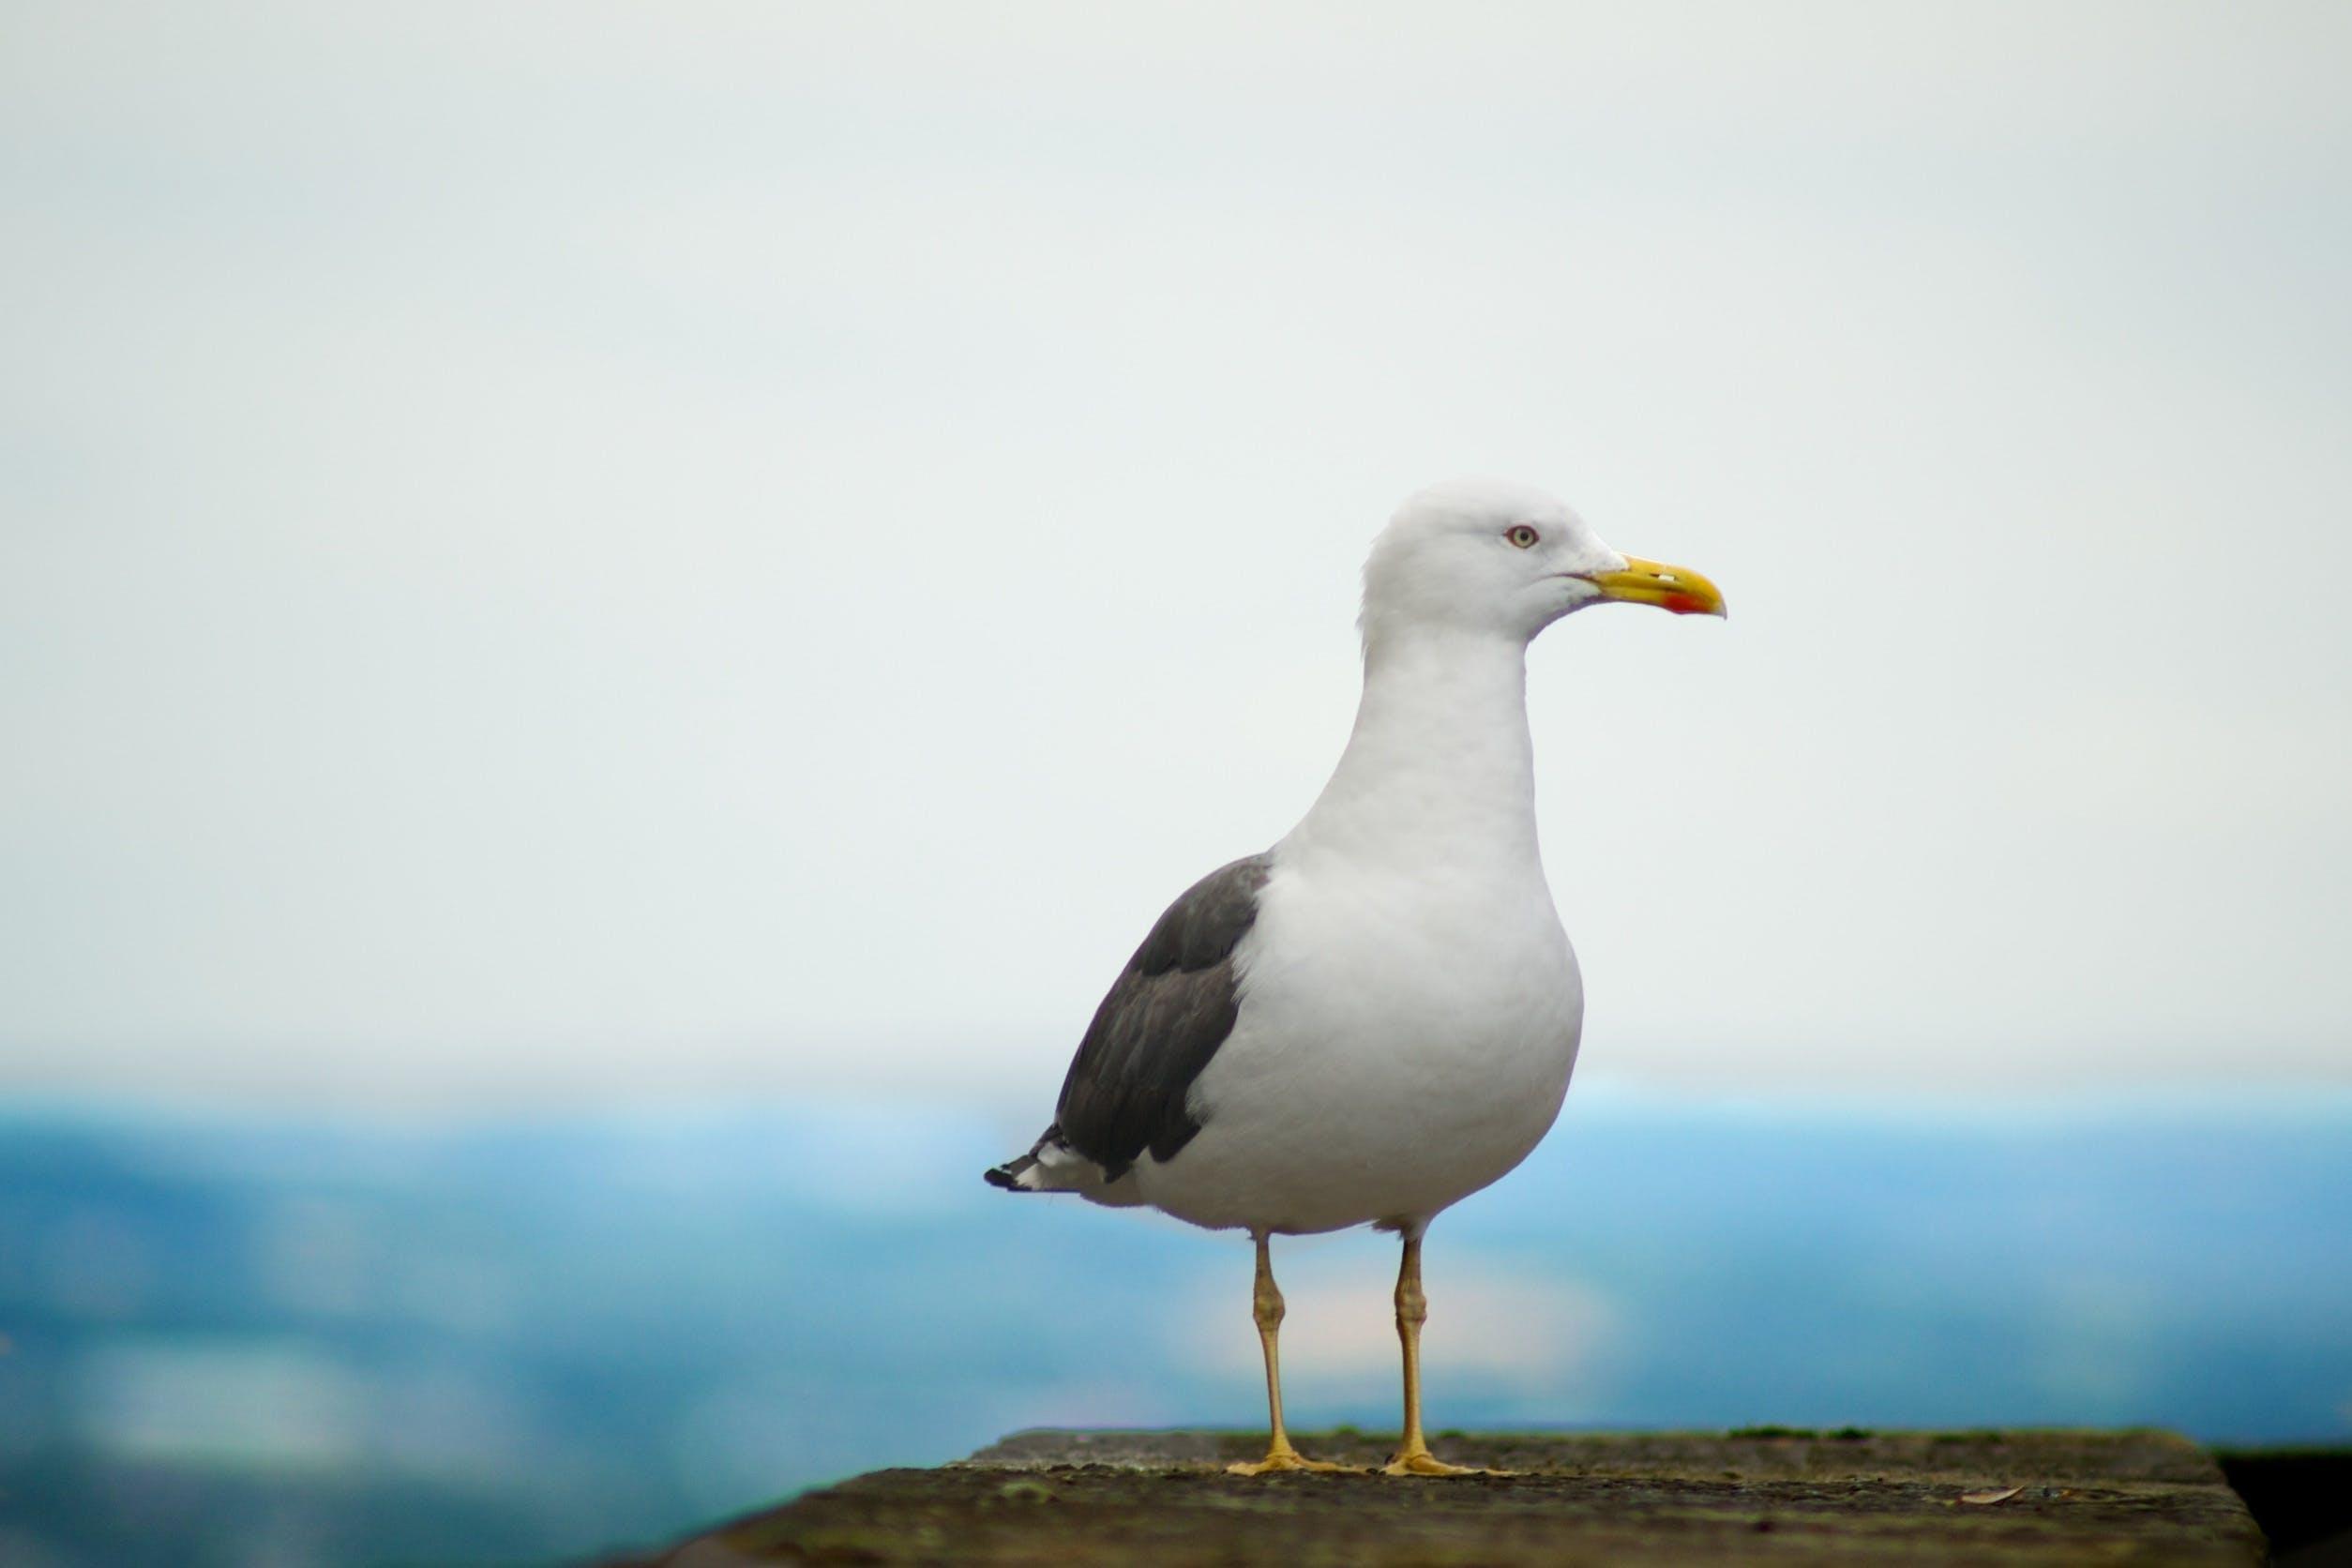 avian, beak, blur